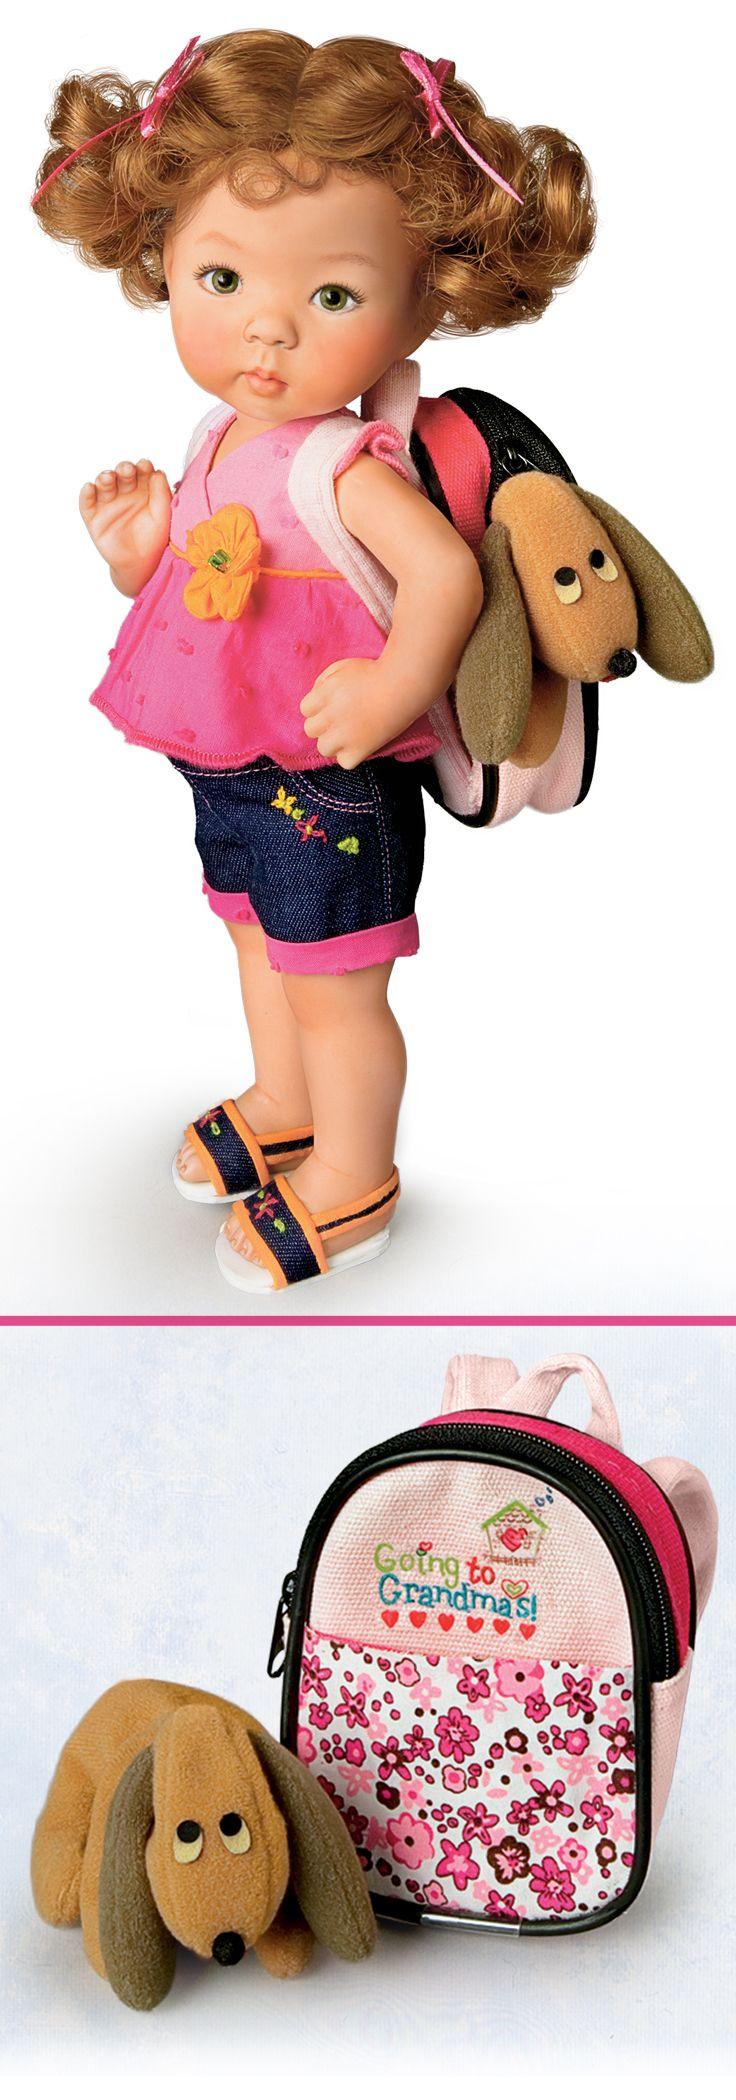 Poseable porcelain little girl doll by Master Doll Artist Dianna Effner.